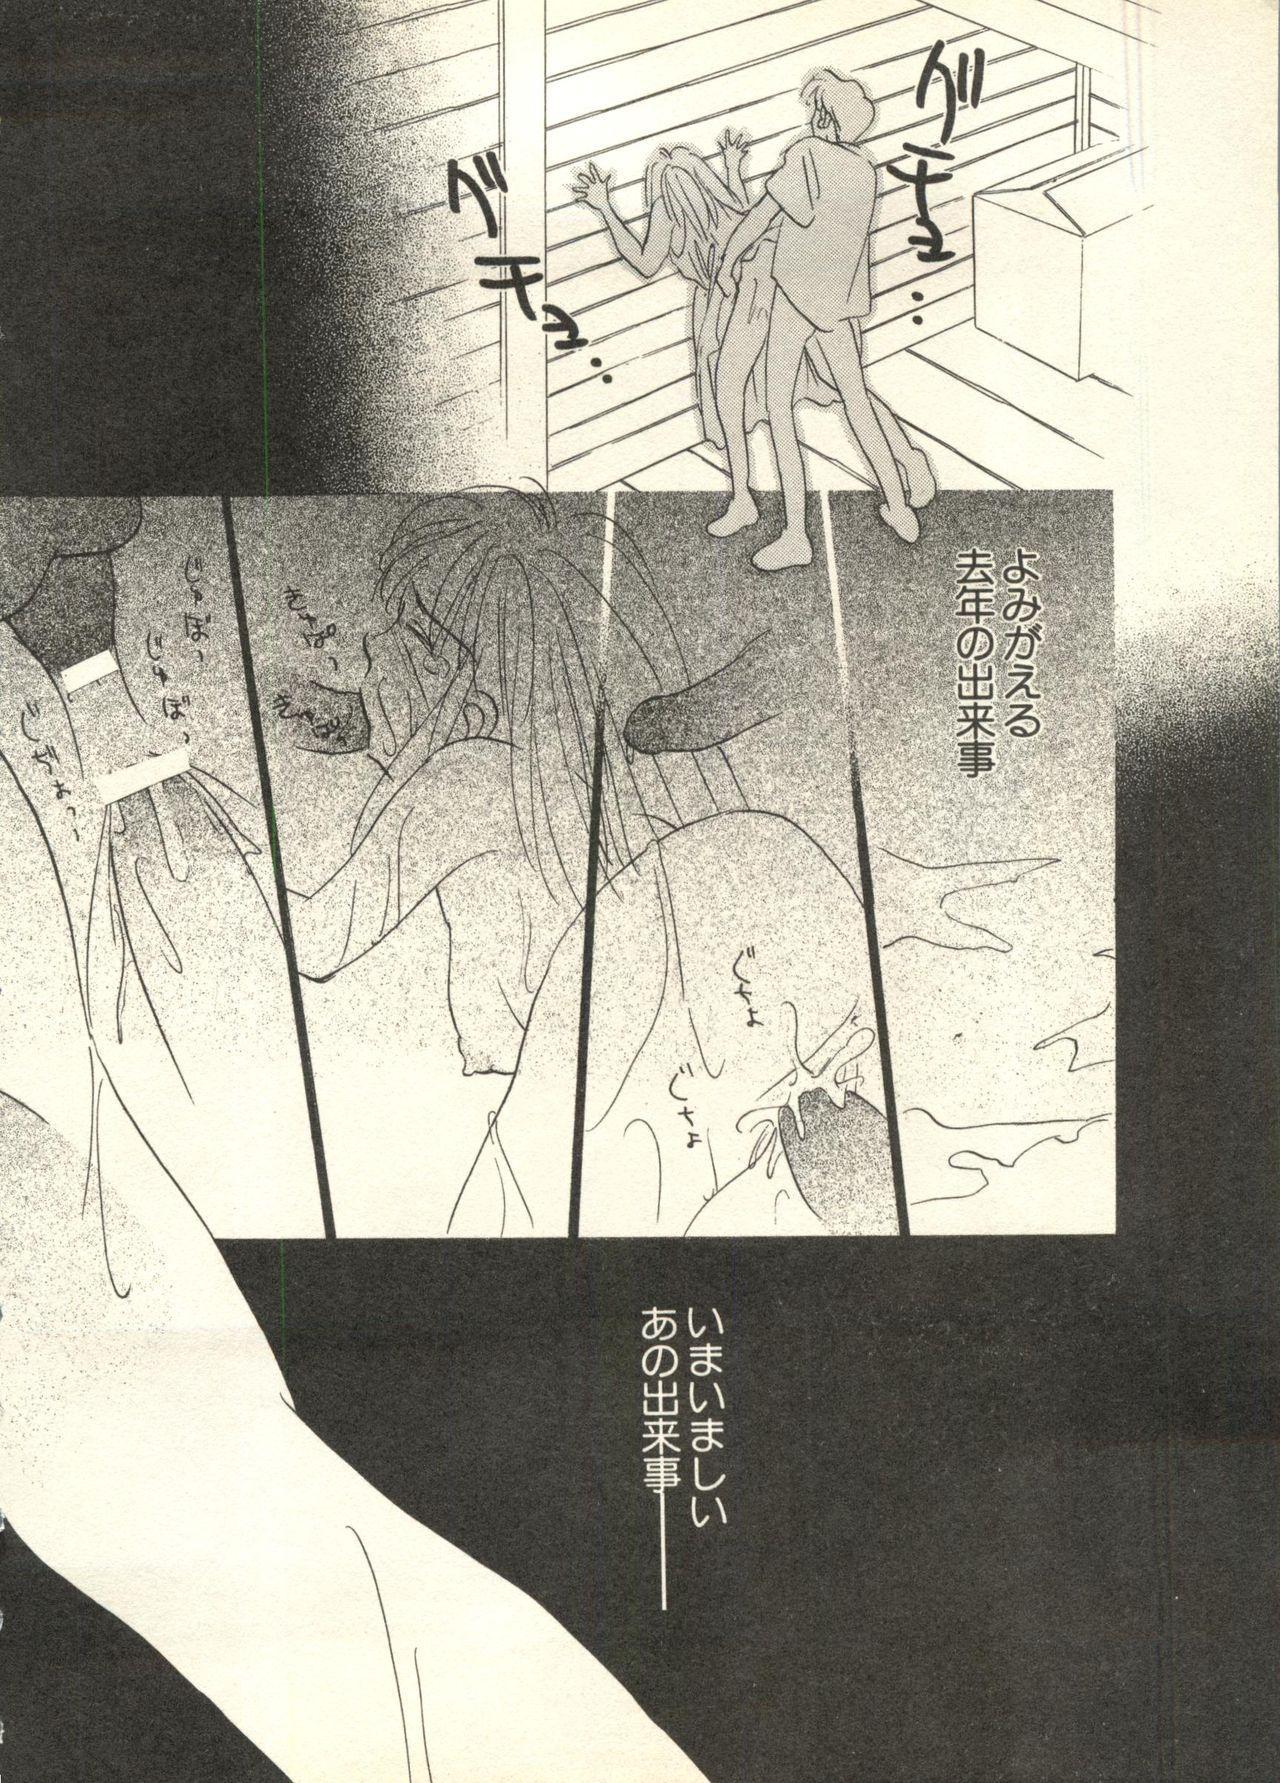 Pai;kuu 1998 July Vol. 11 14